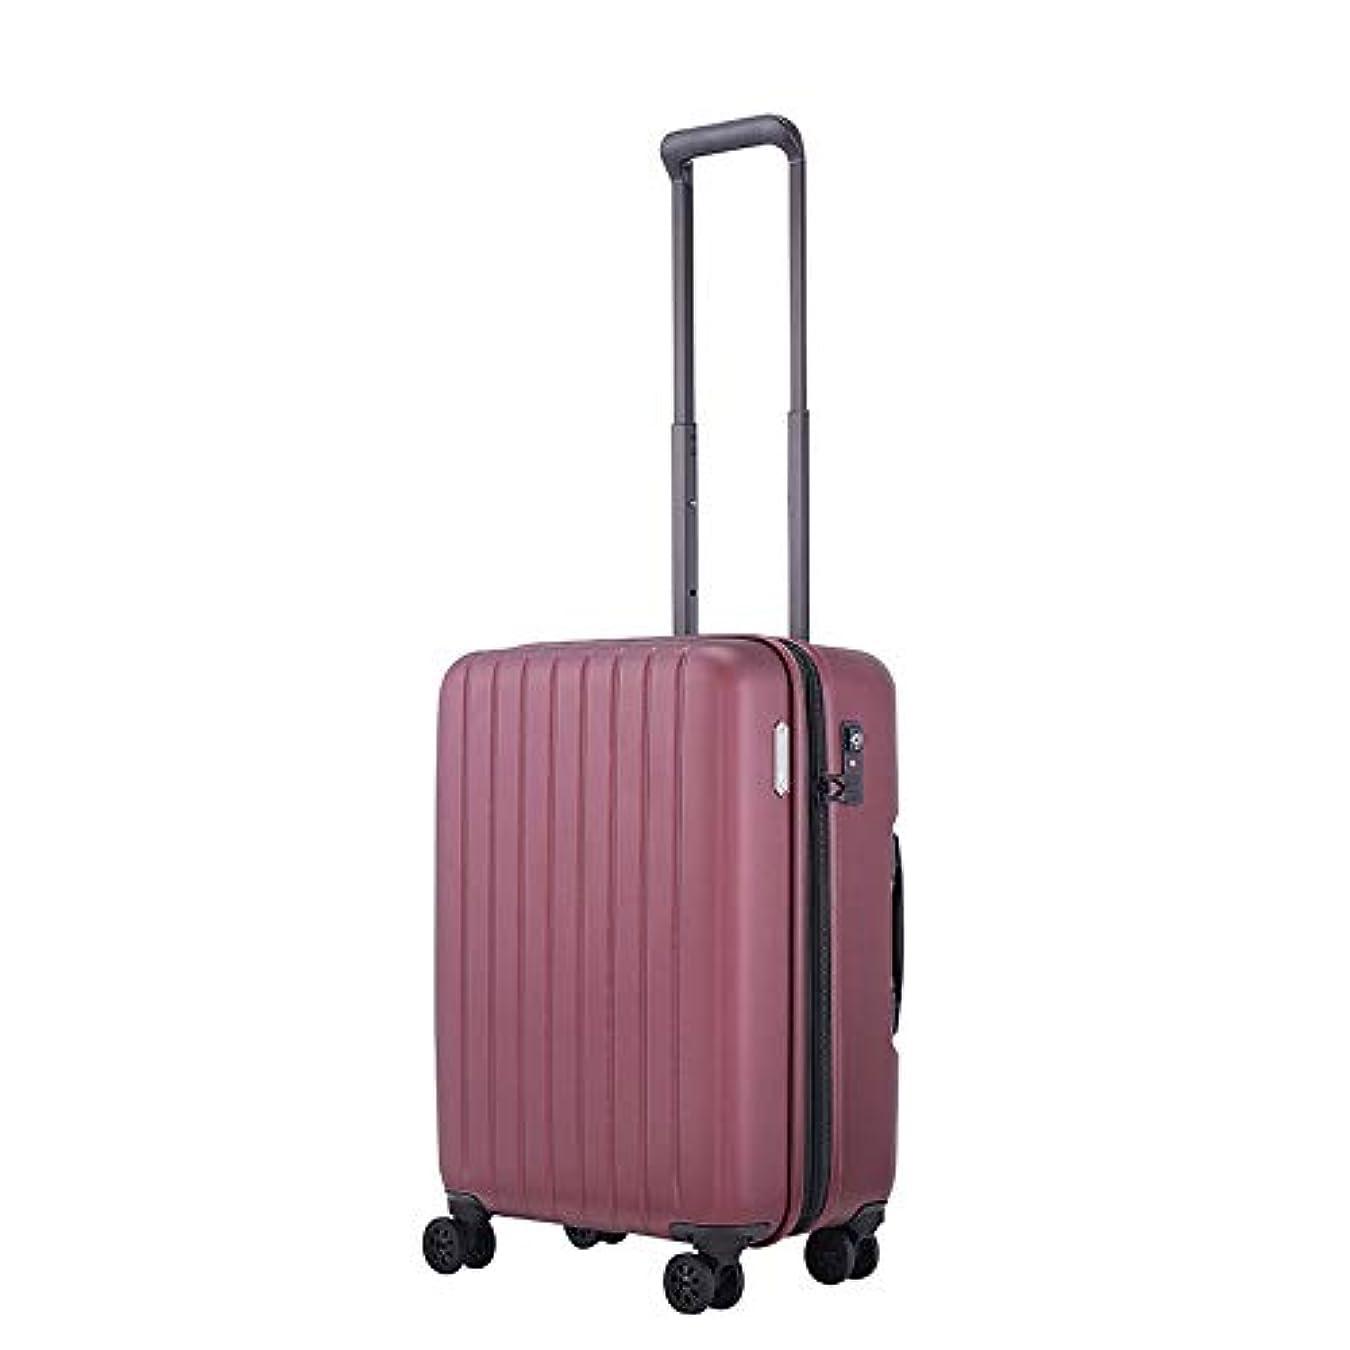 乱用バッジ気がついて[サンコー] スーツケース フレーム ACTIVE CUBE SKYMAX-EX 機内持ち込み可 消音/静音キャスター ACSE-50 39L 50 cm 2.7kg